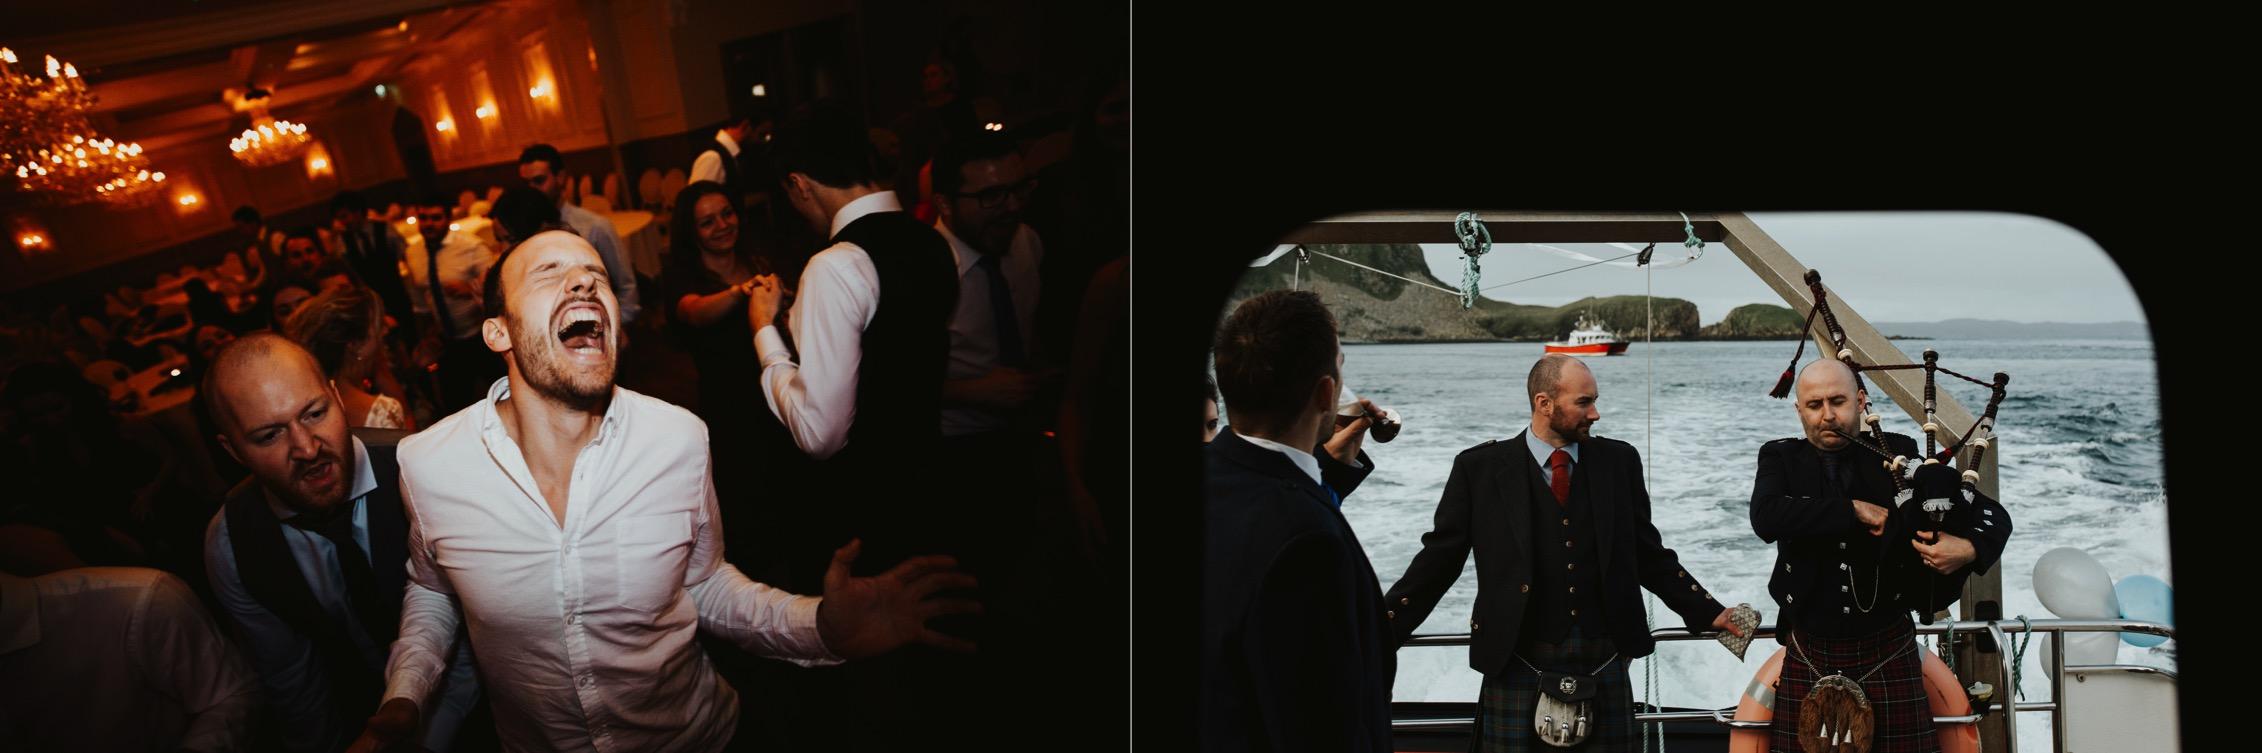 2017 wedding 2017 0130.jpg